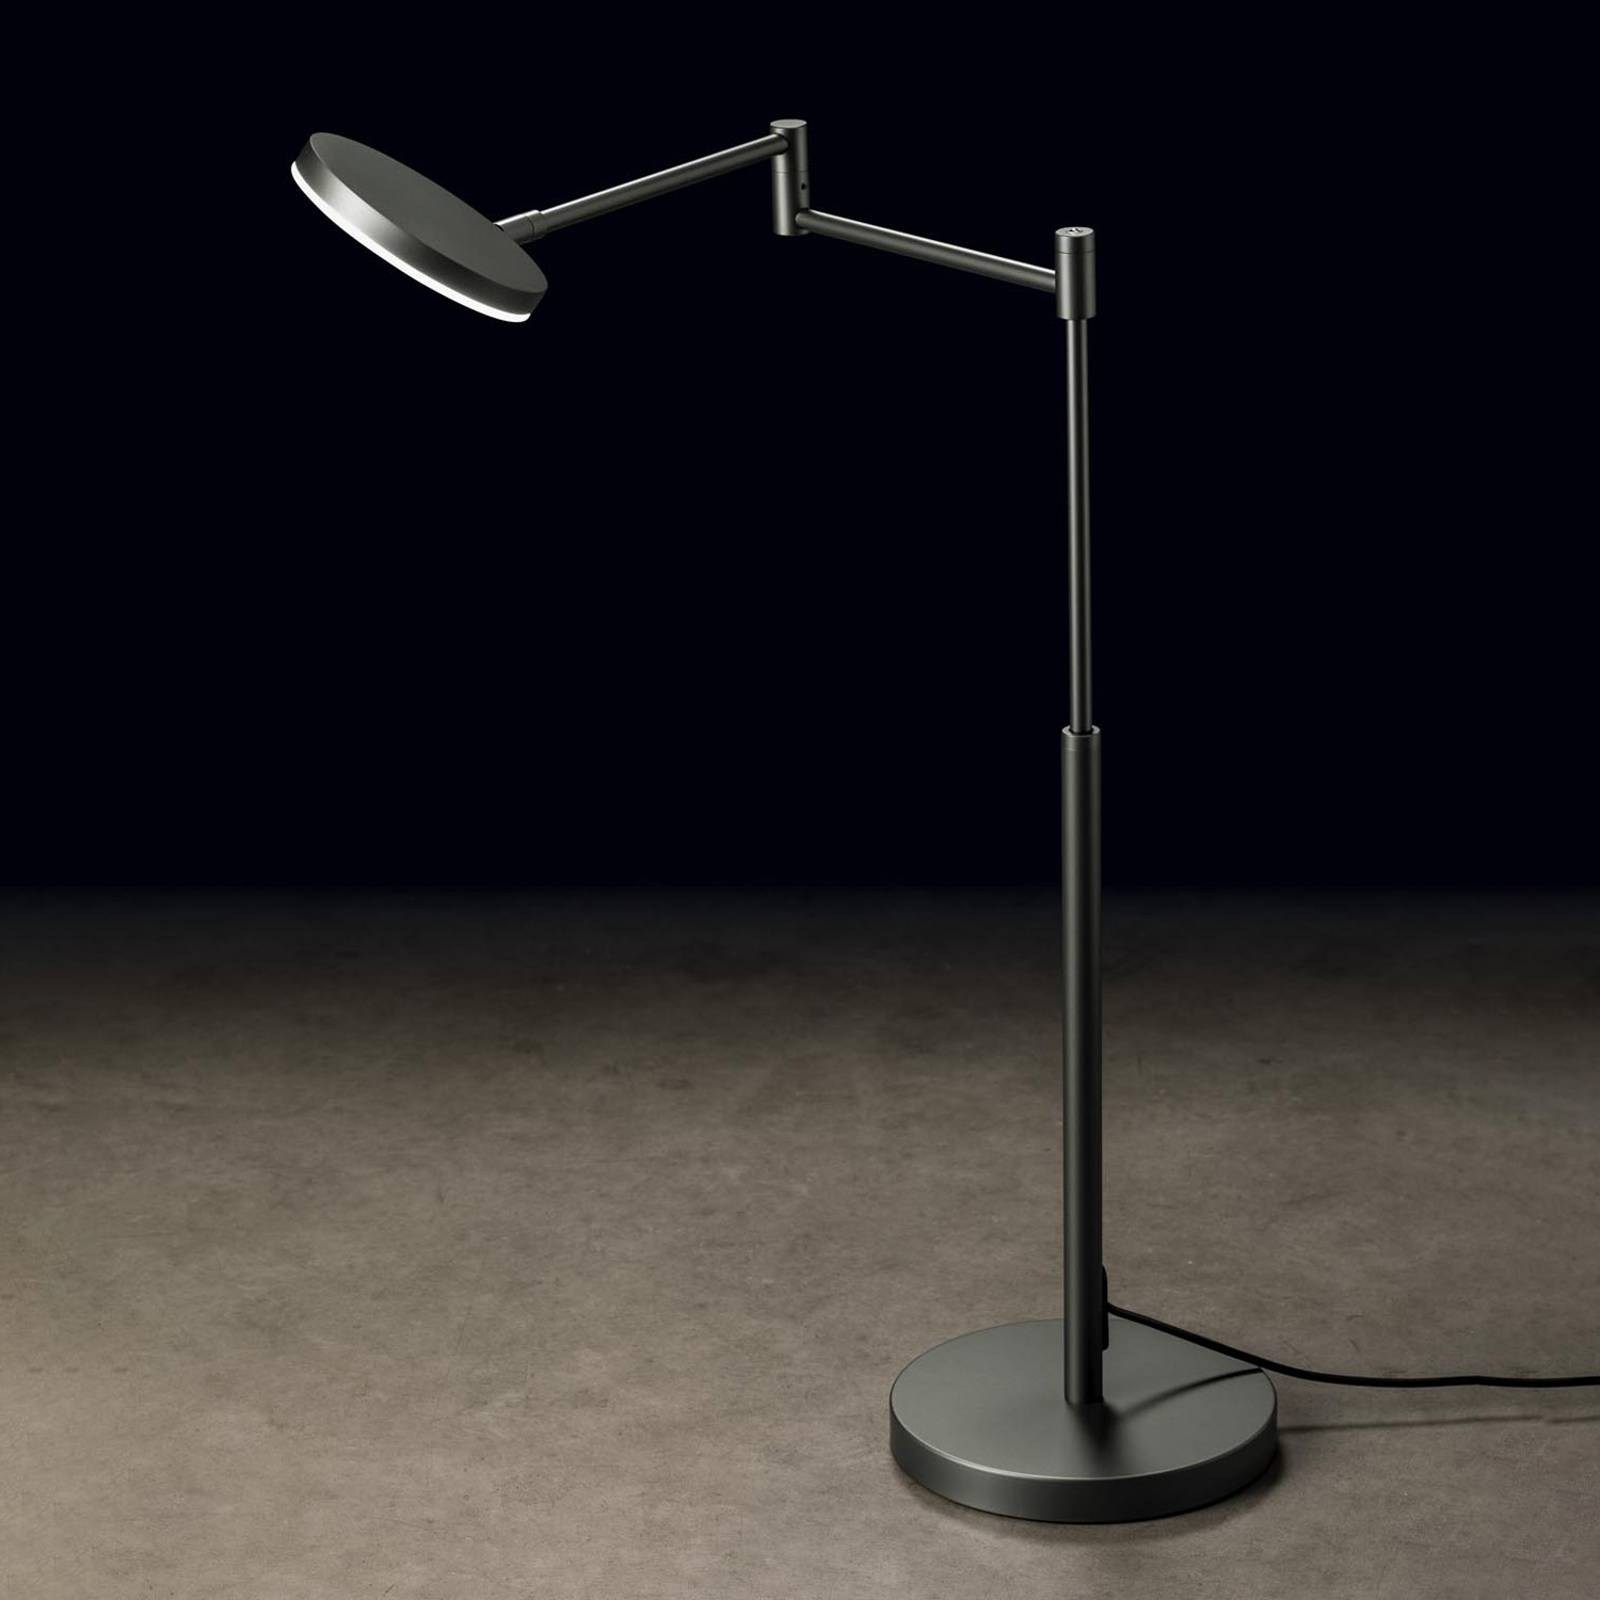 Holtkötter Plano T lampe à poser LED platine